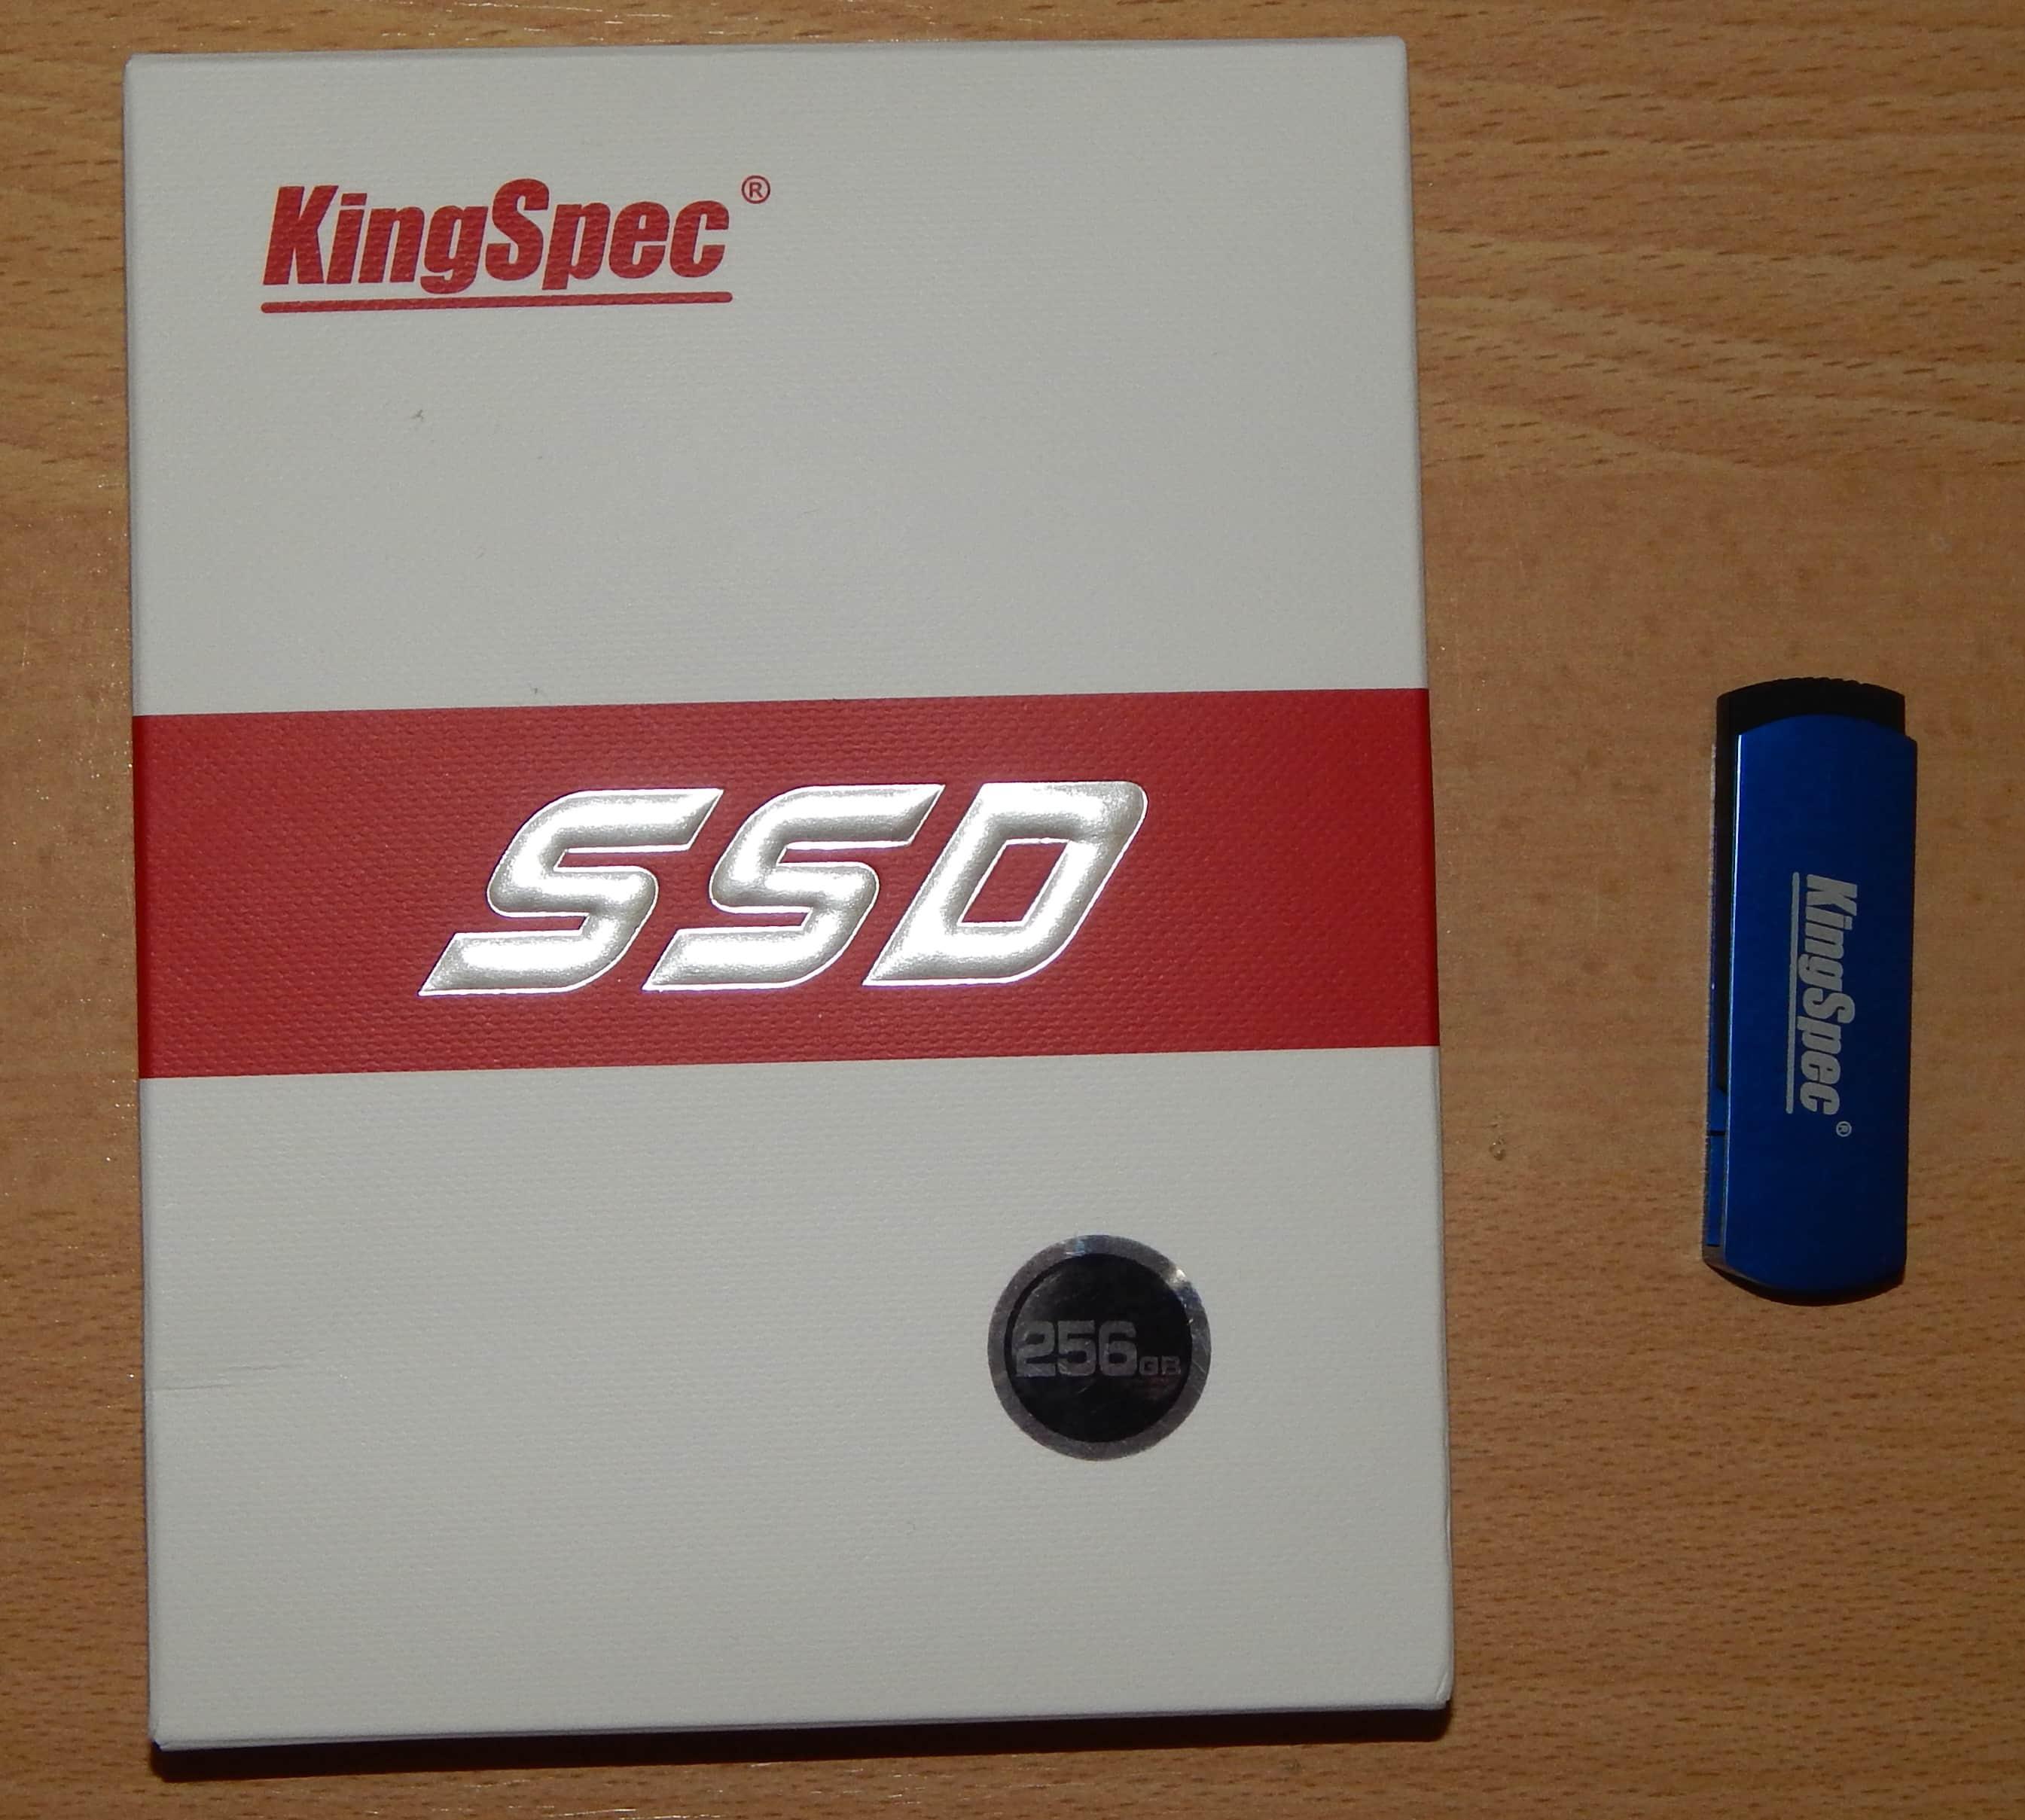 Обзор и тест <b>SSD</b> из Китая на 256 Gb <b>KingSpec</b> ACSC4M256S25 ...